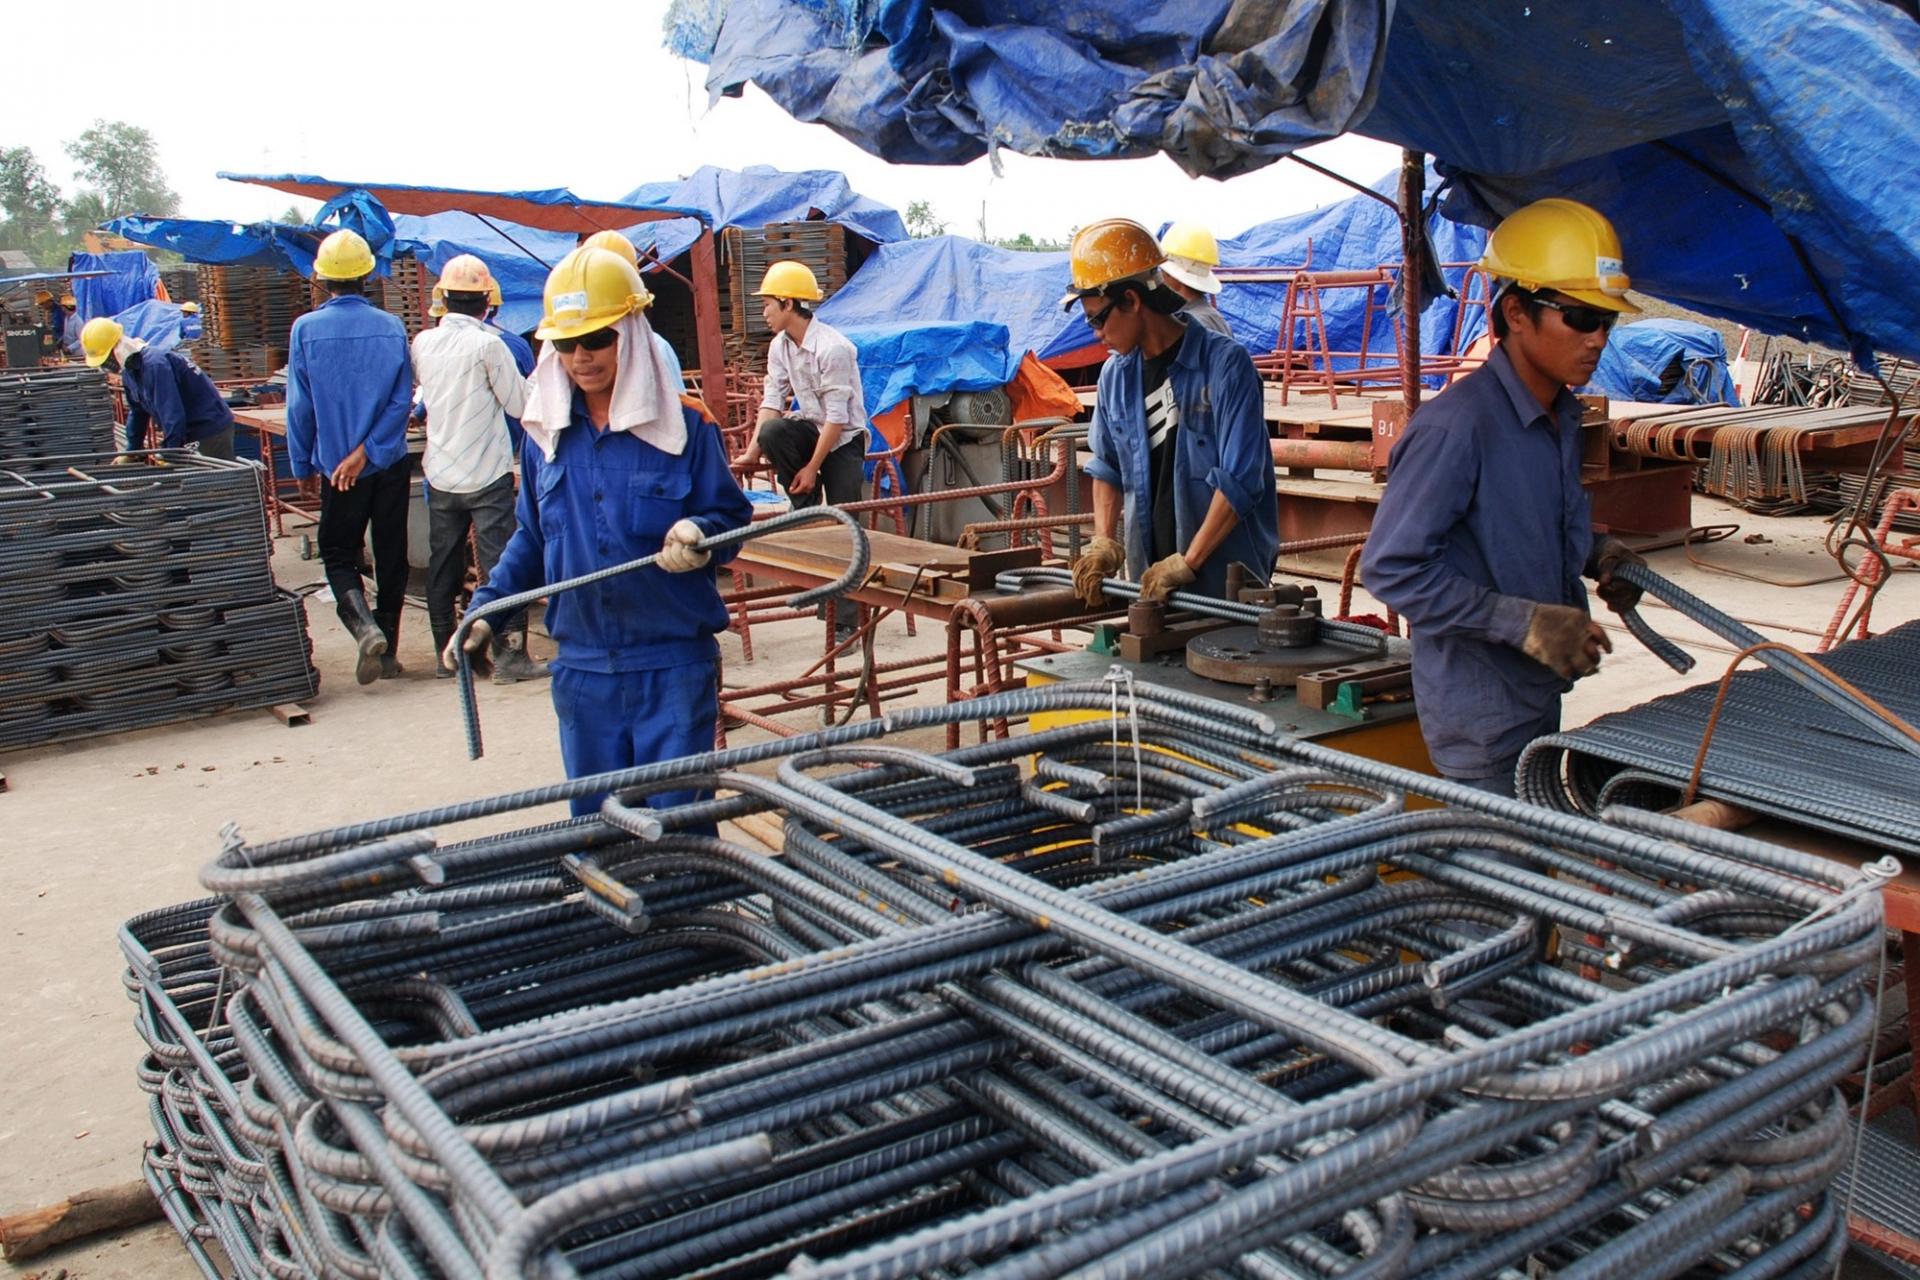 Đẩy nhanh giải ngân đầu tư công, ngành vật liệu xây dựng hưởng lợi